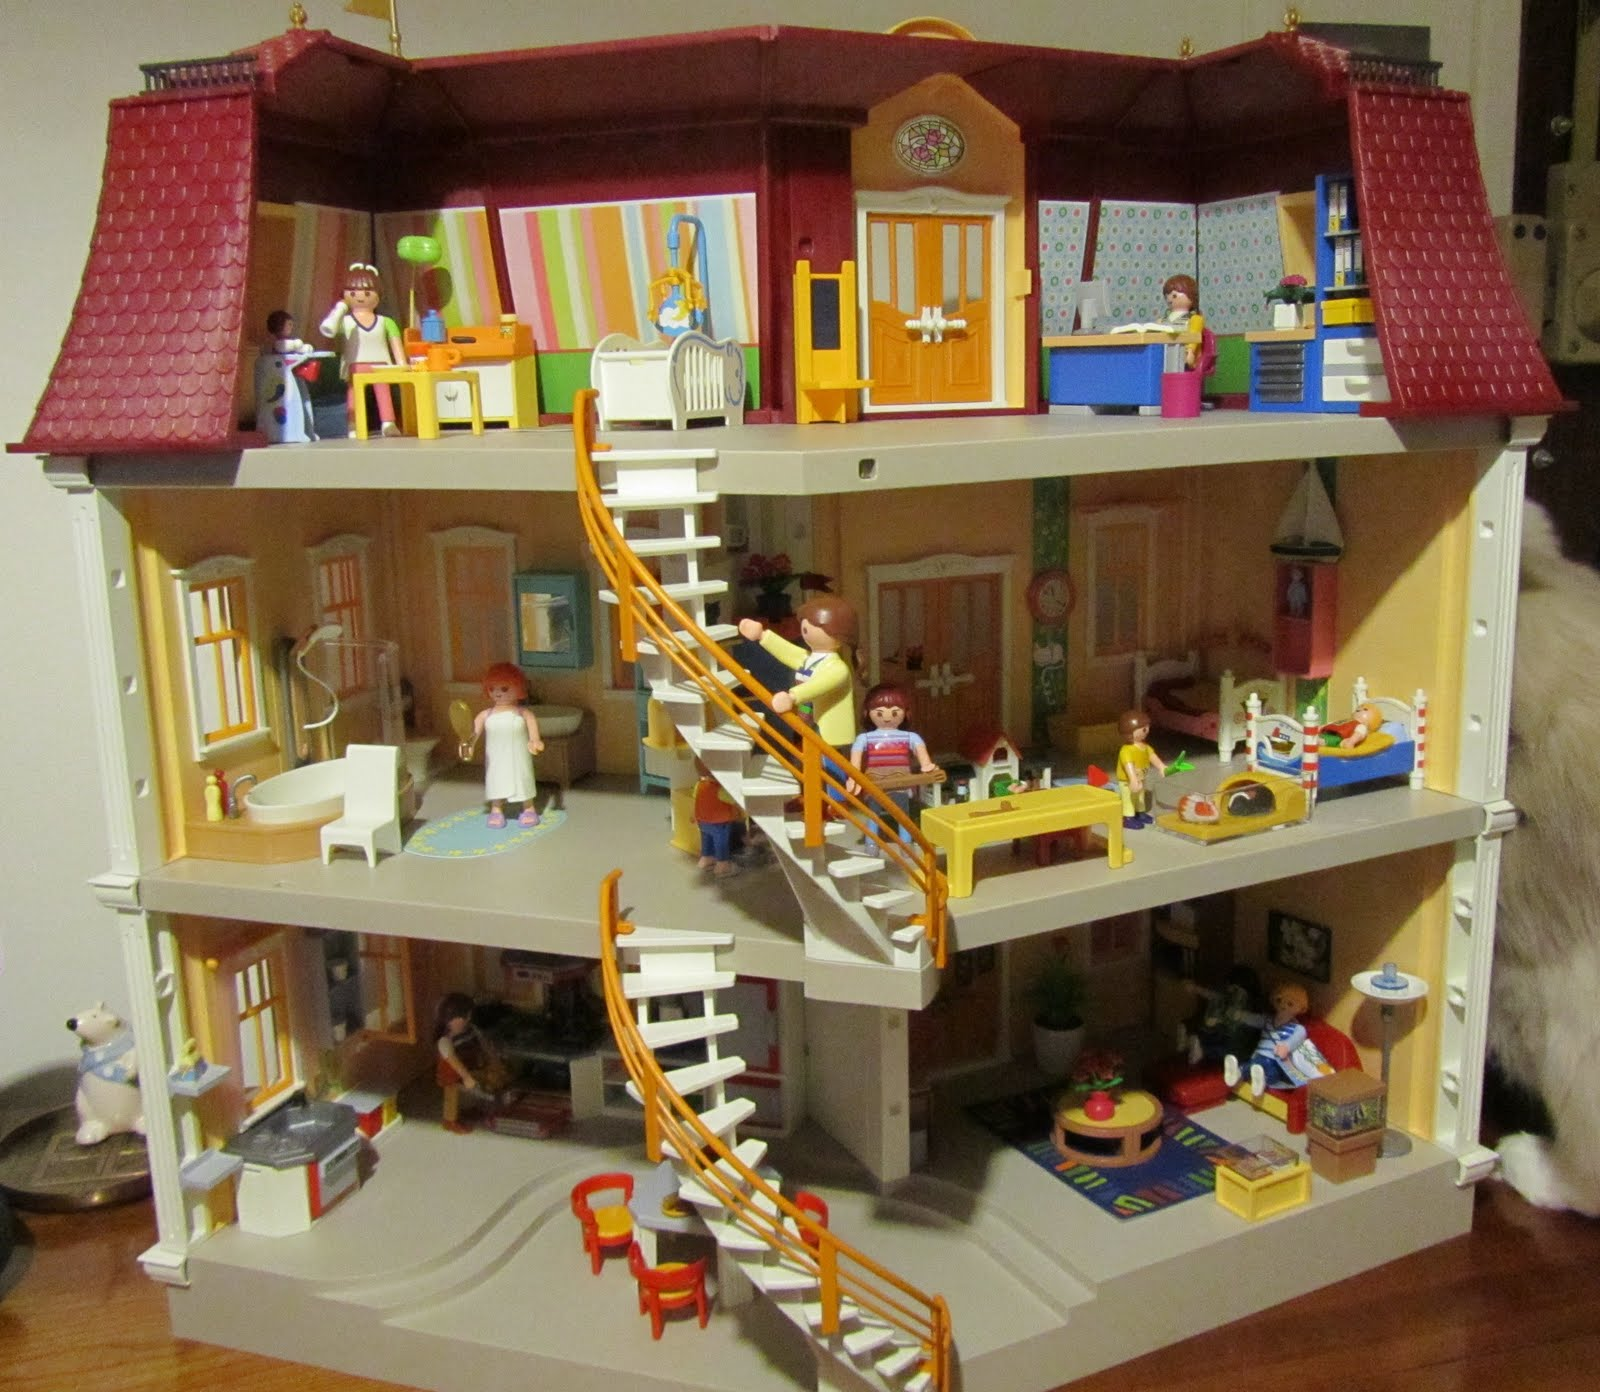 Playmobil maison moderne le monde de l a for Modele maison playmobil